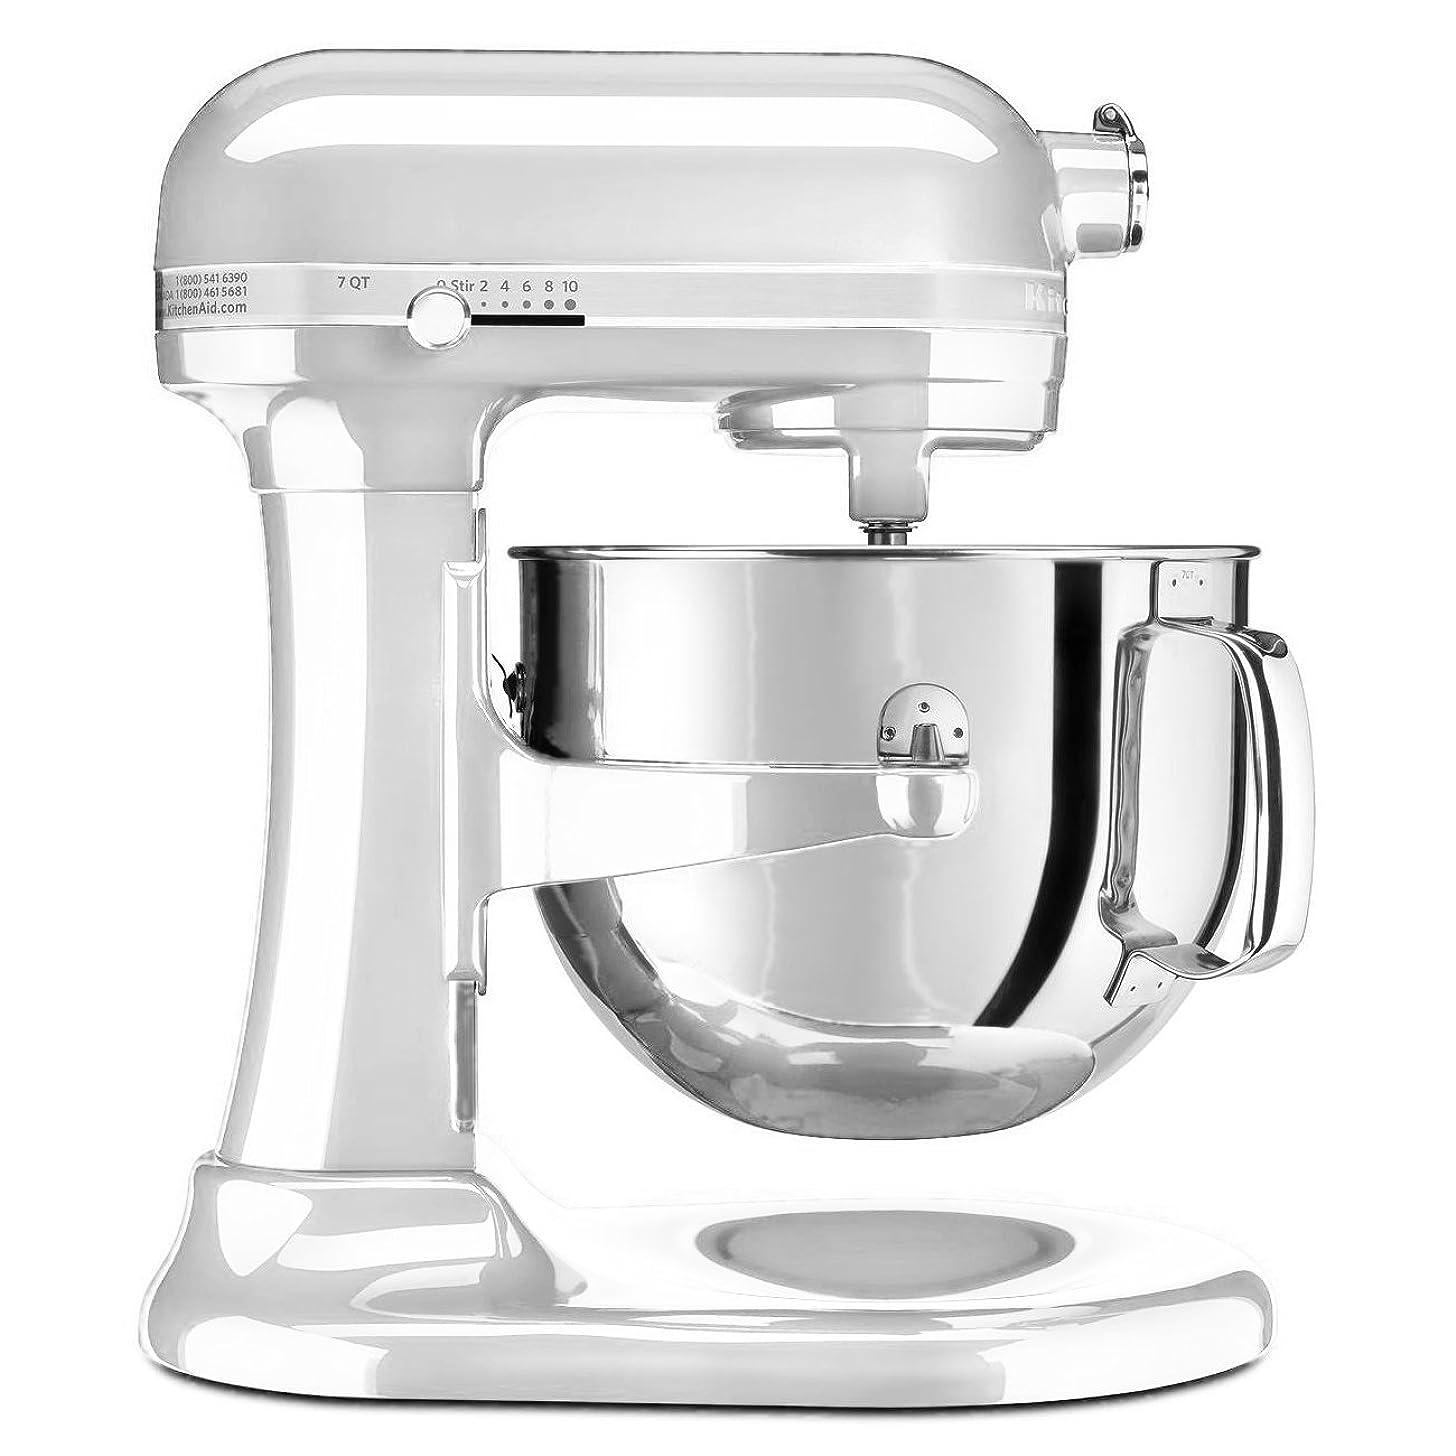 KitchenAid KSM7586PFP 7-Quart Pro Line Stand Mixer Frosted Pearl White